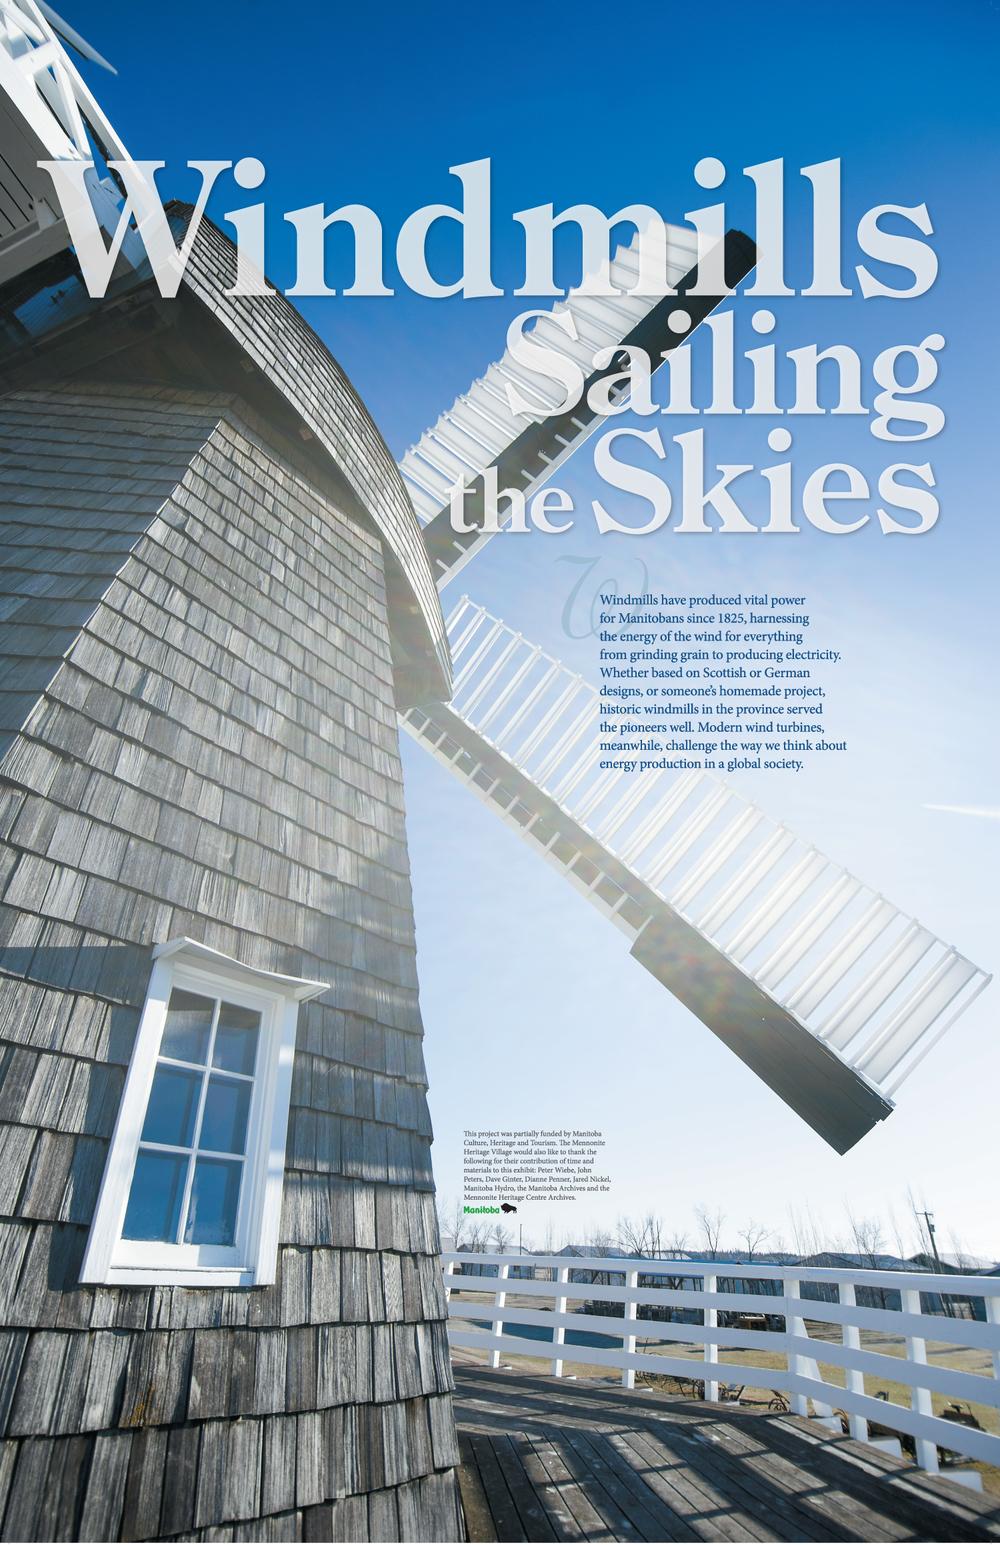 WindmillExhibit.jpg